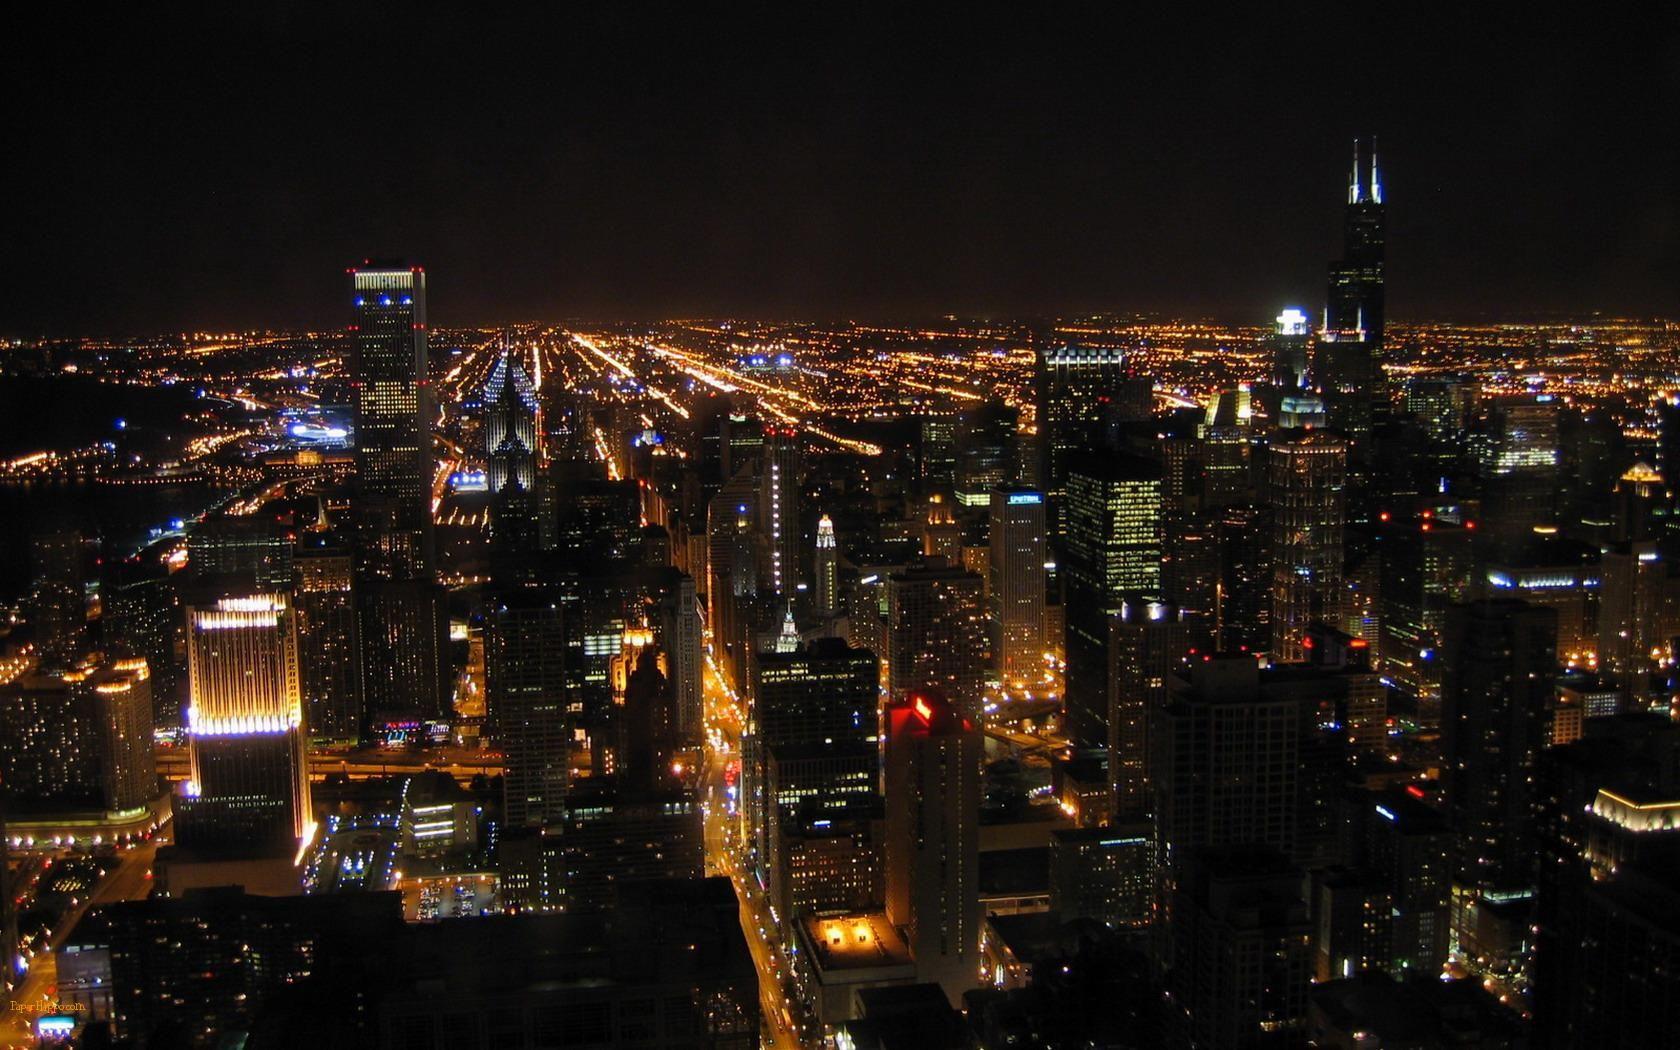 シカゴ 1366 X 768の解像度の壁紙 1366x768 Wallpapertip